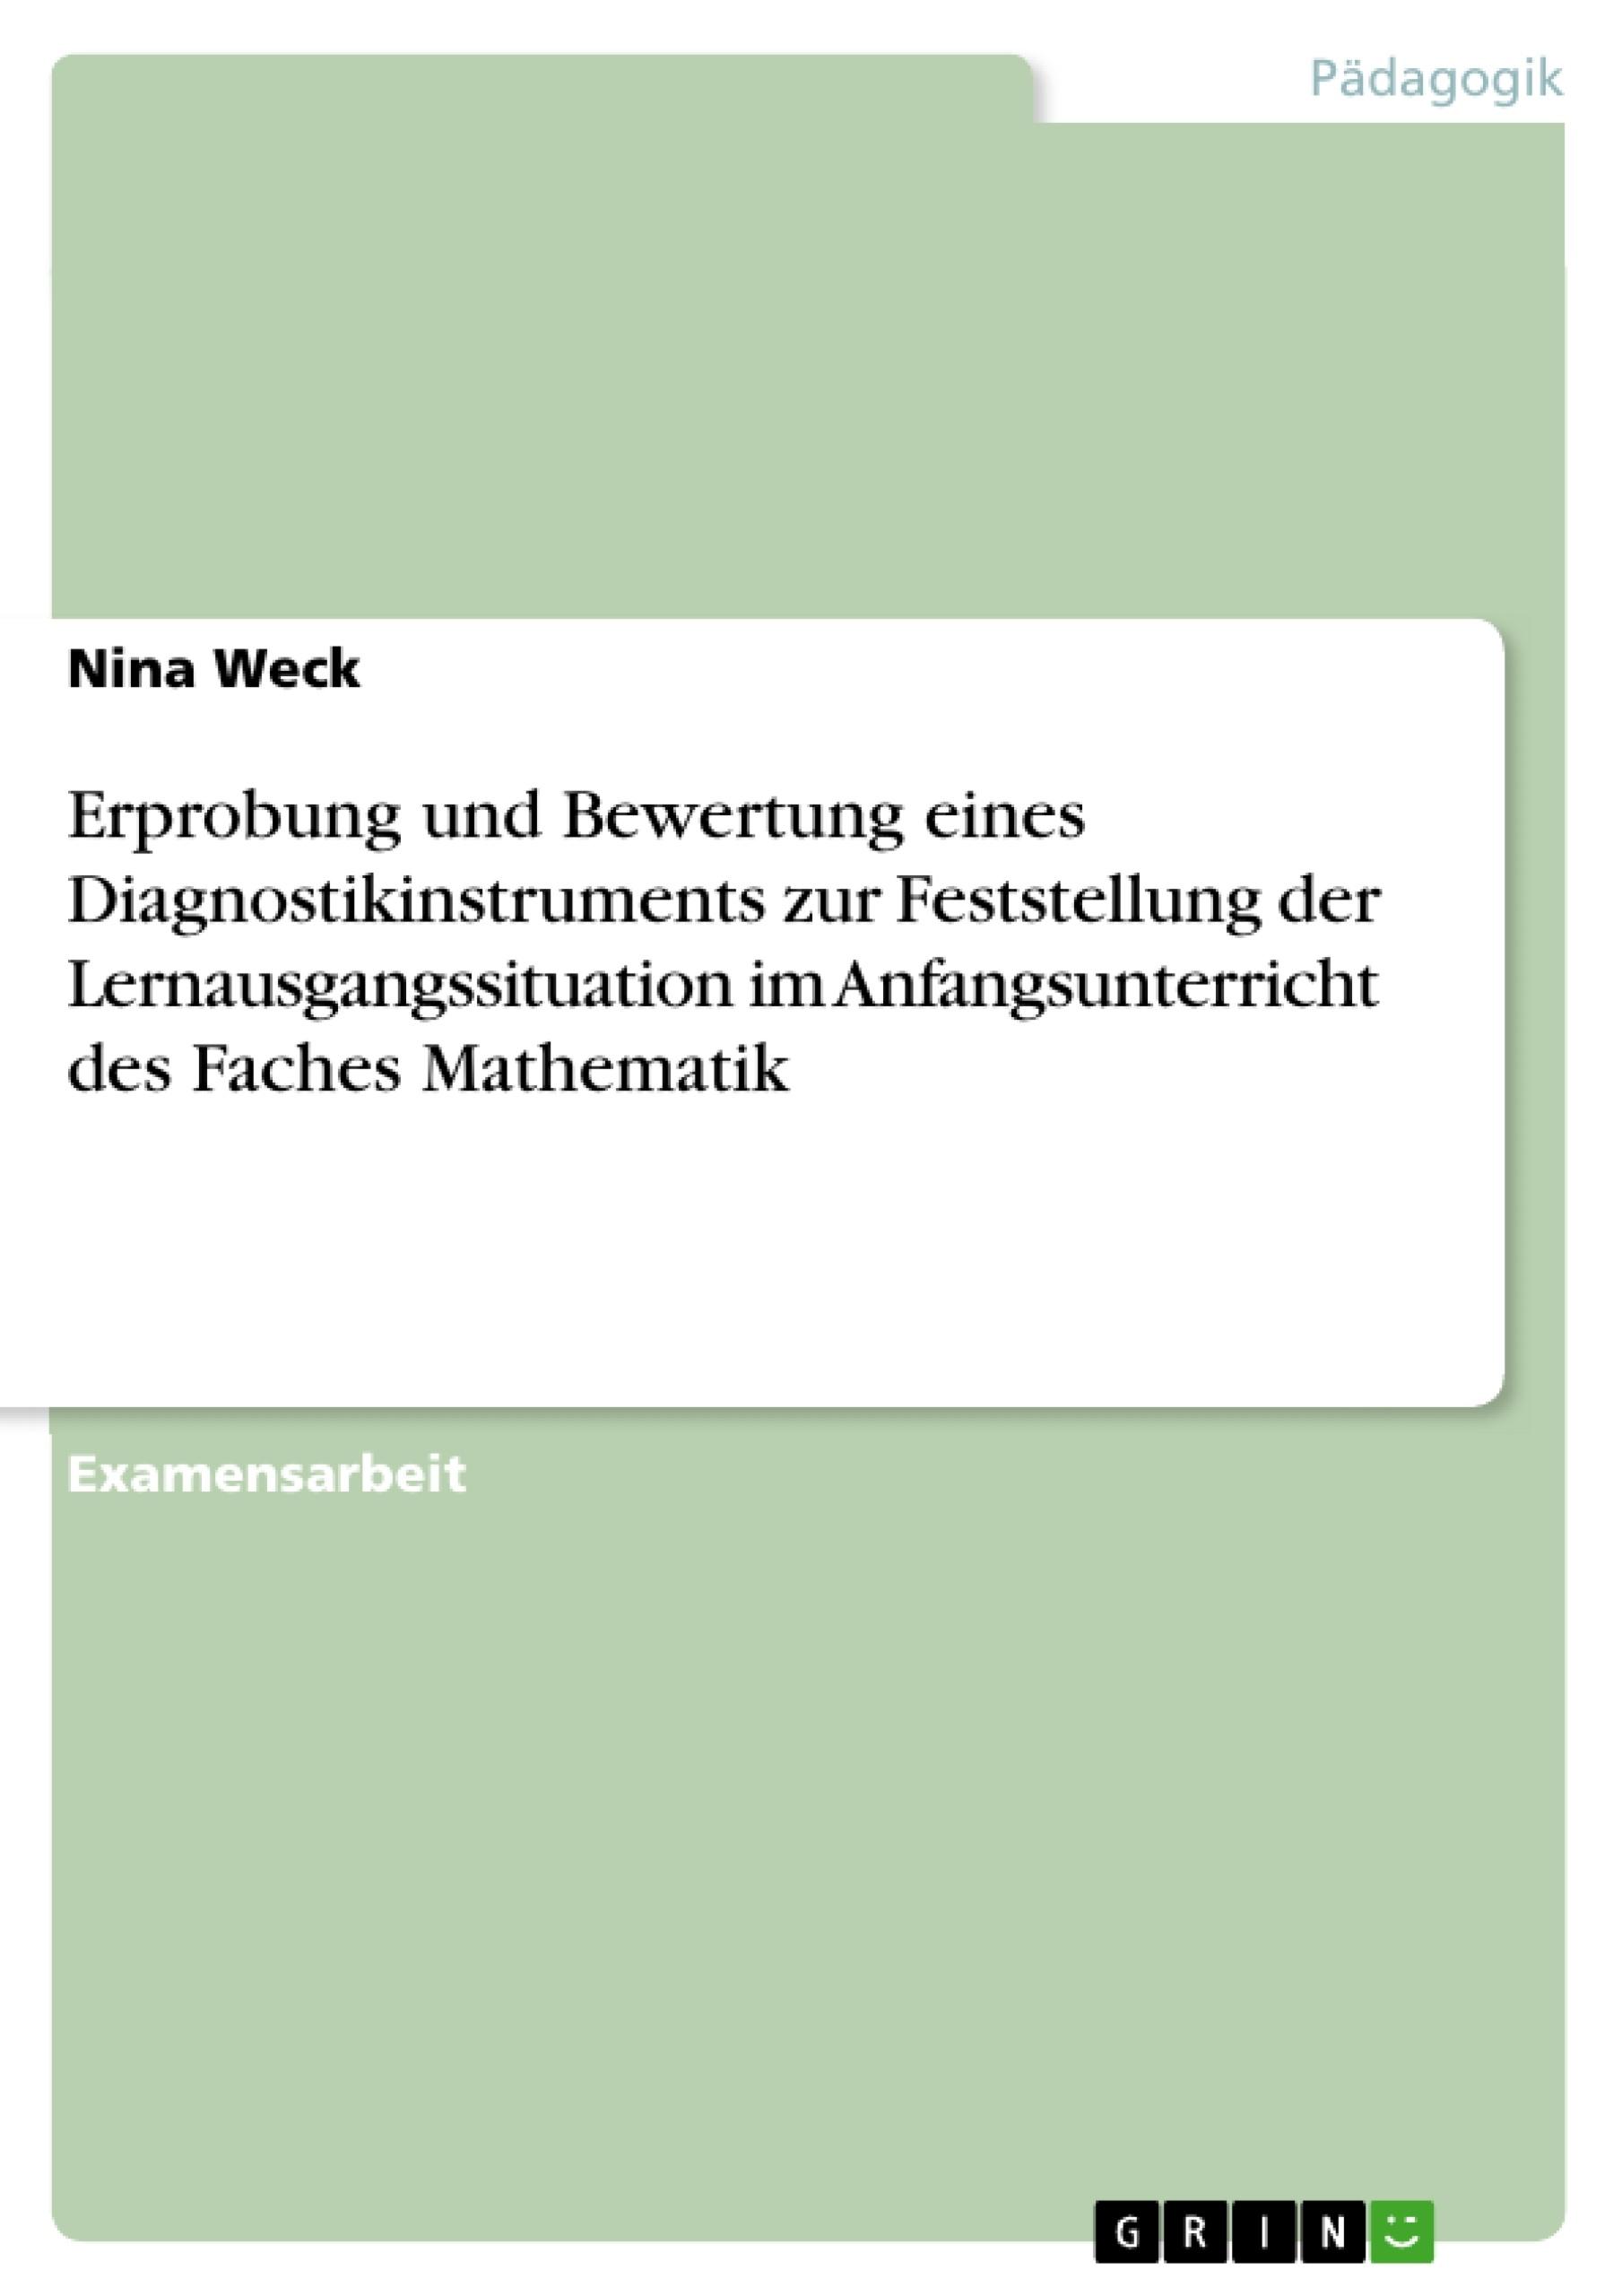 Erprobung und Bewertung eines Diagnostikinstruments zur ...